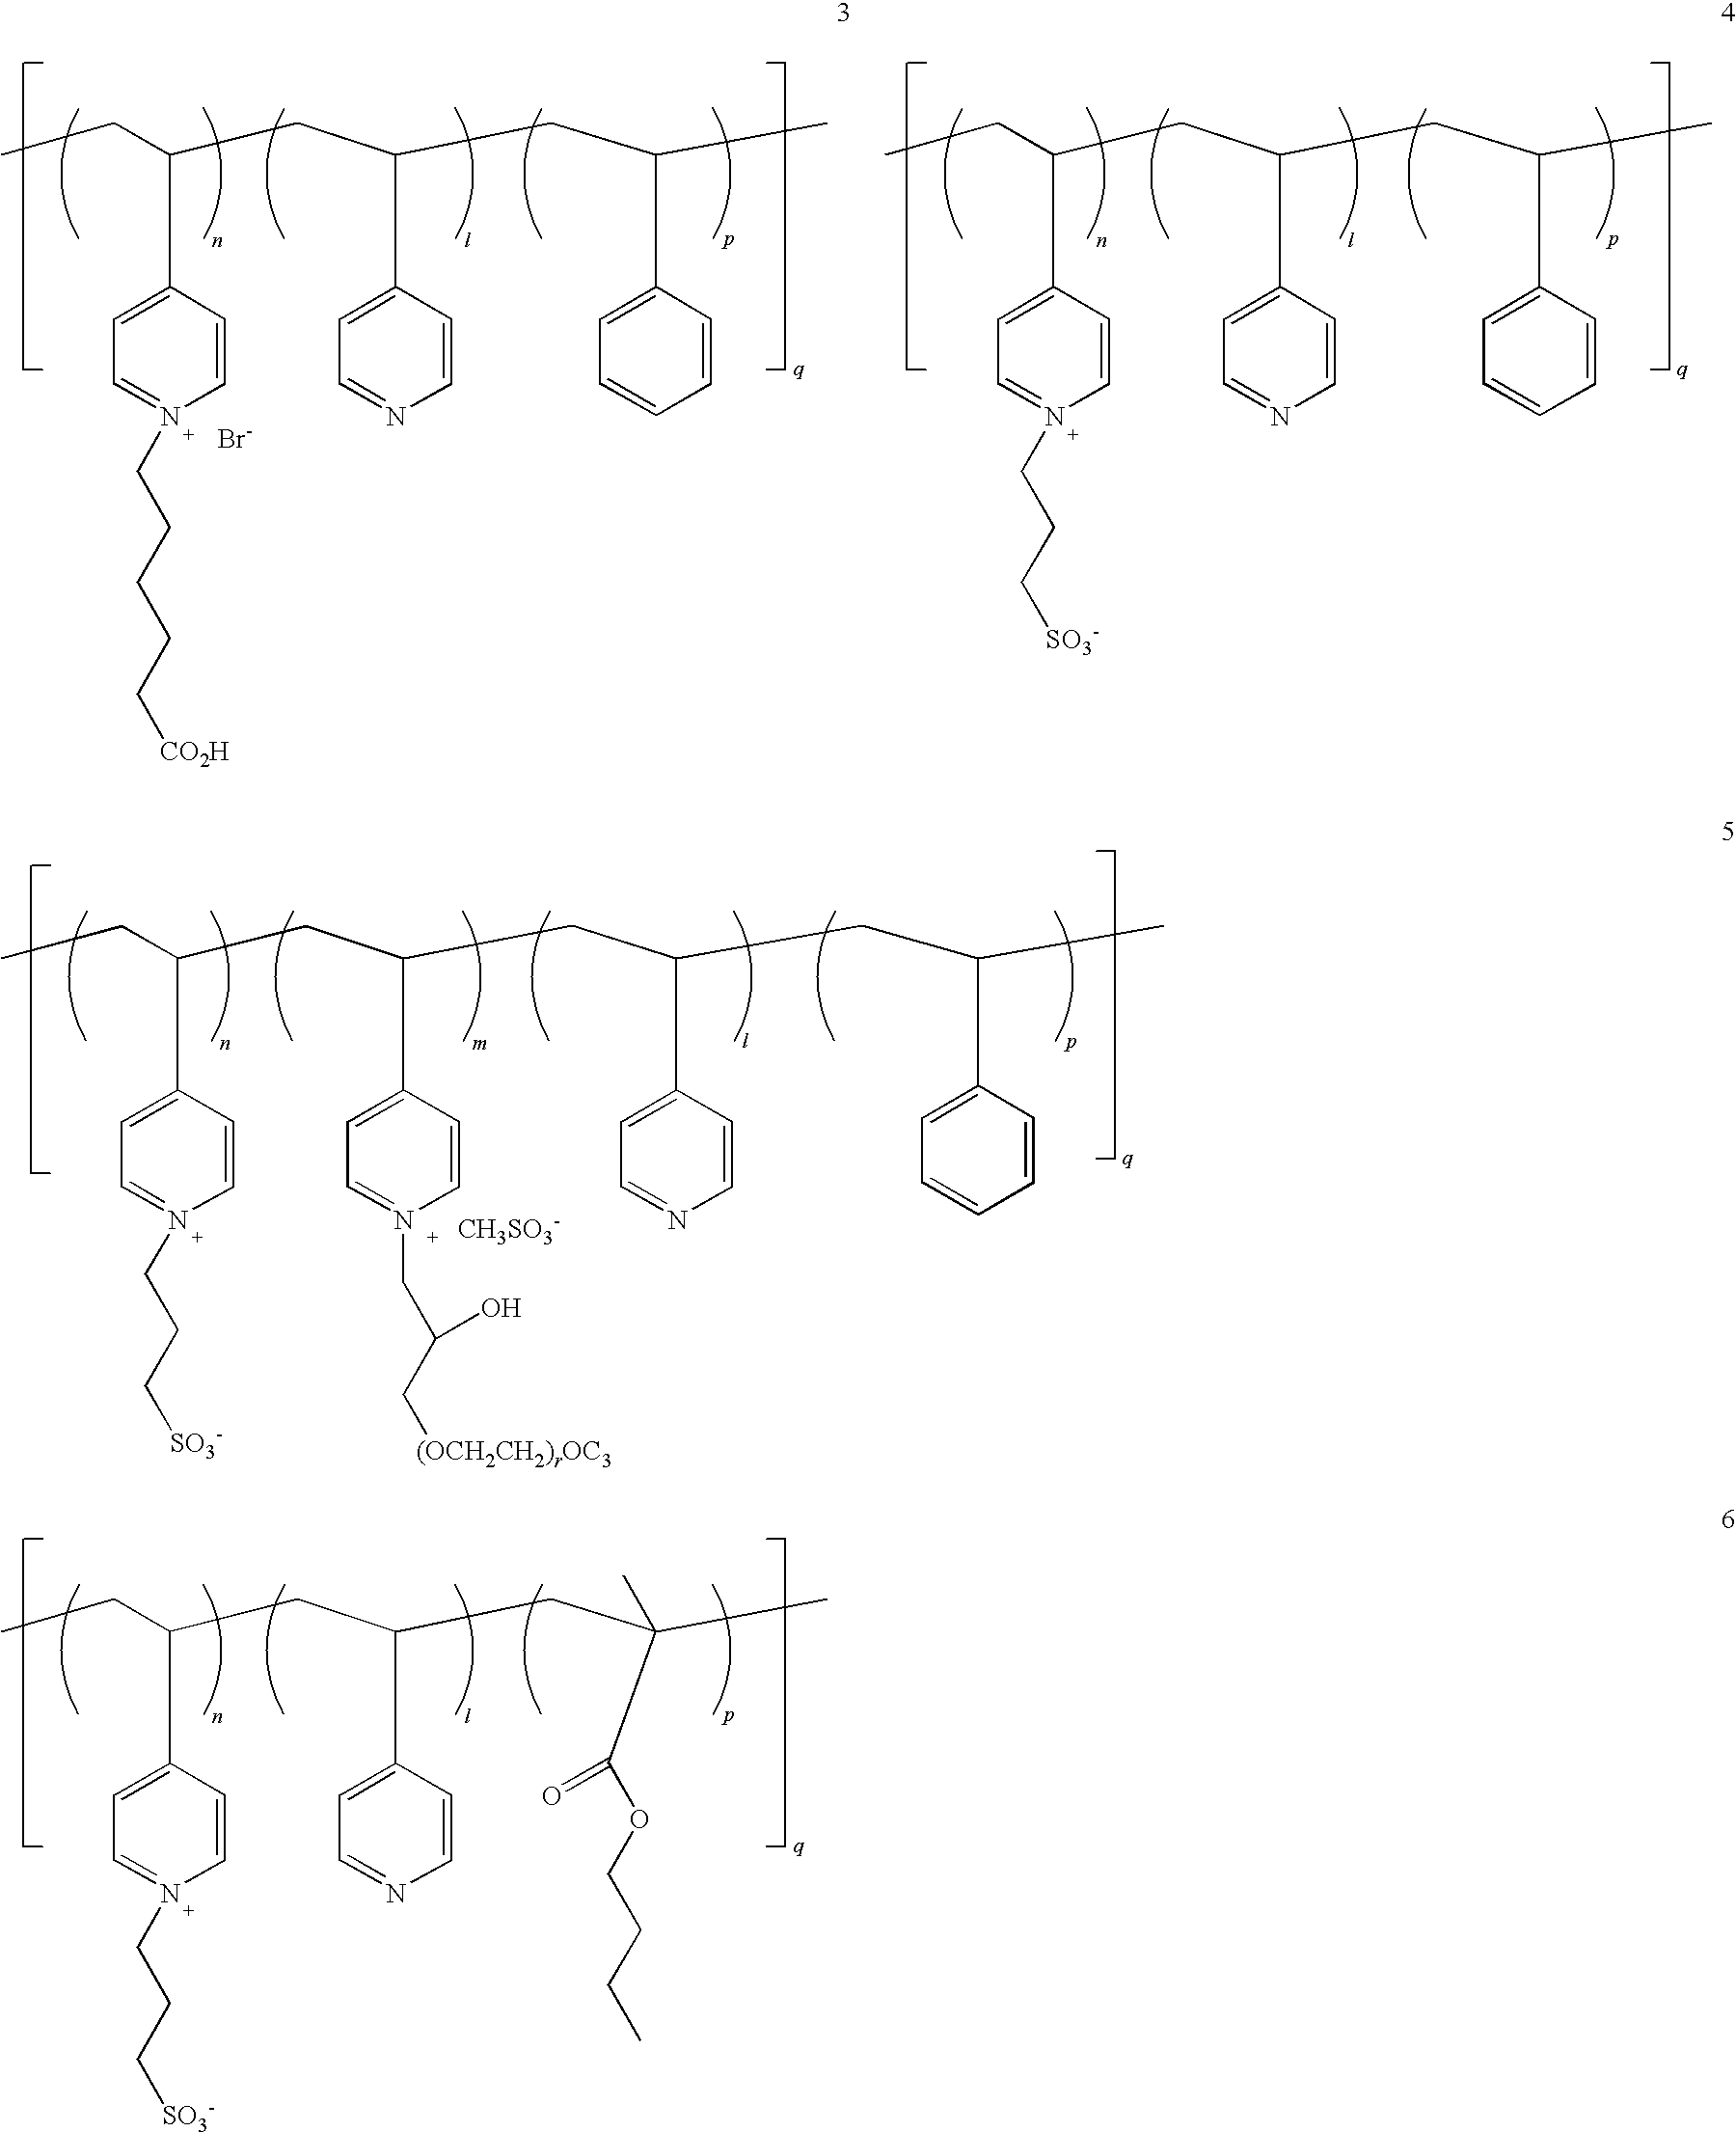 Figure US20100213058A1-20100826-C00007